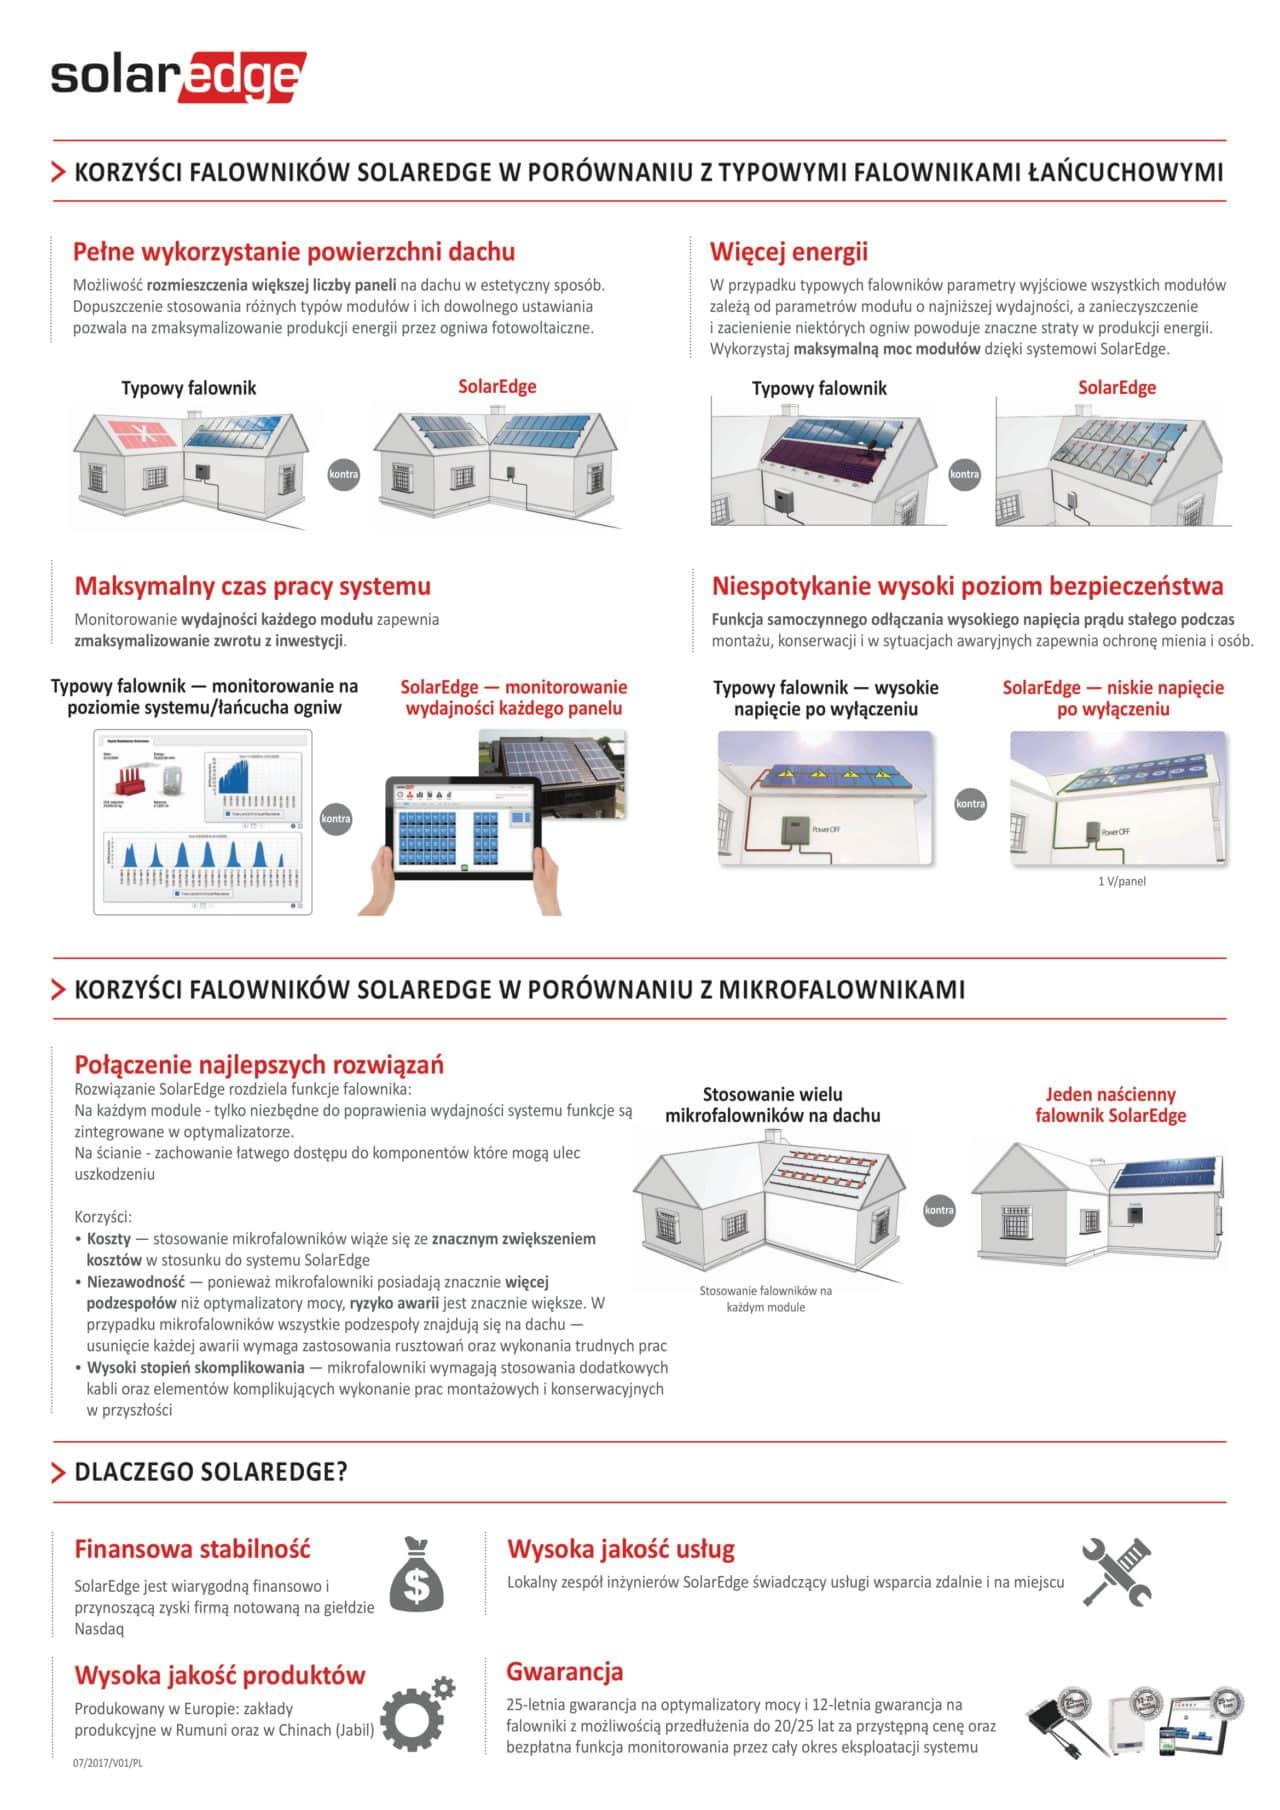 AFCI Solaredge, SafeDC Solaredge - bezpieczeństwo instalacji fotowoltaicznej nr. 1 4